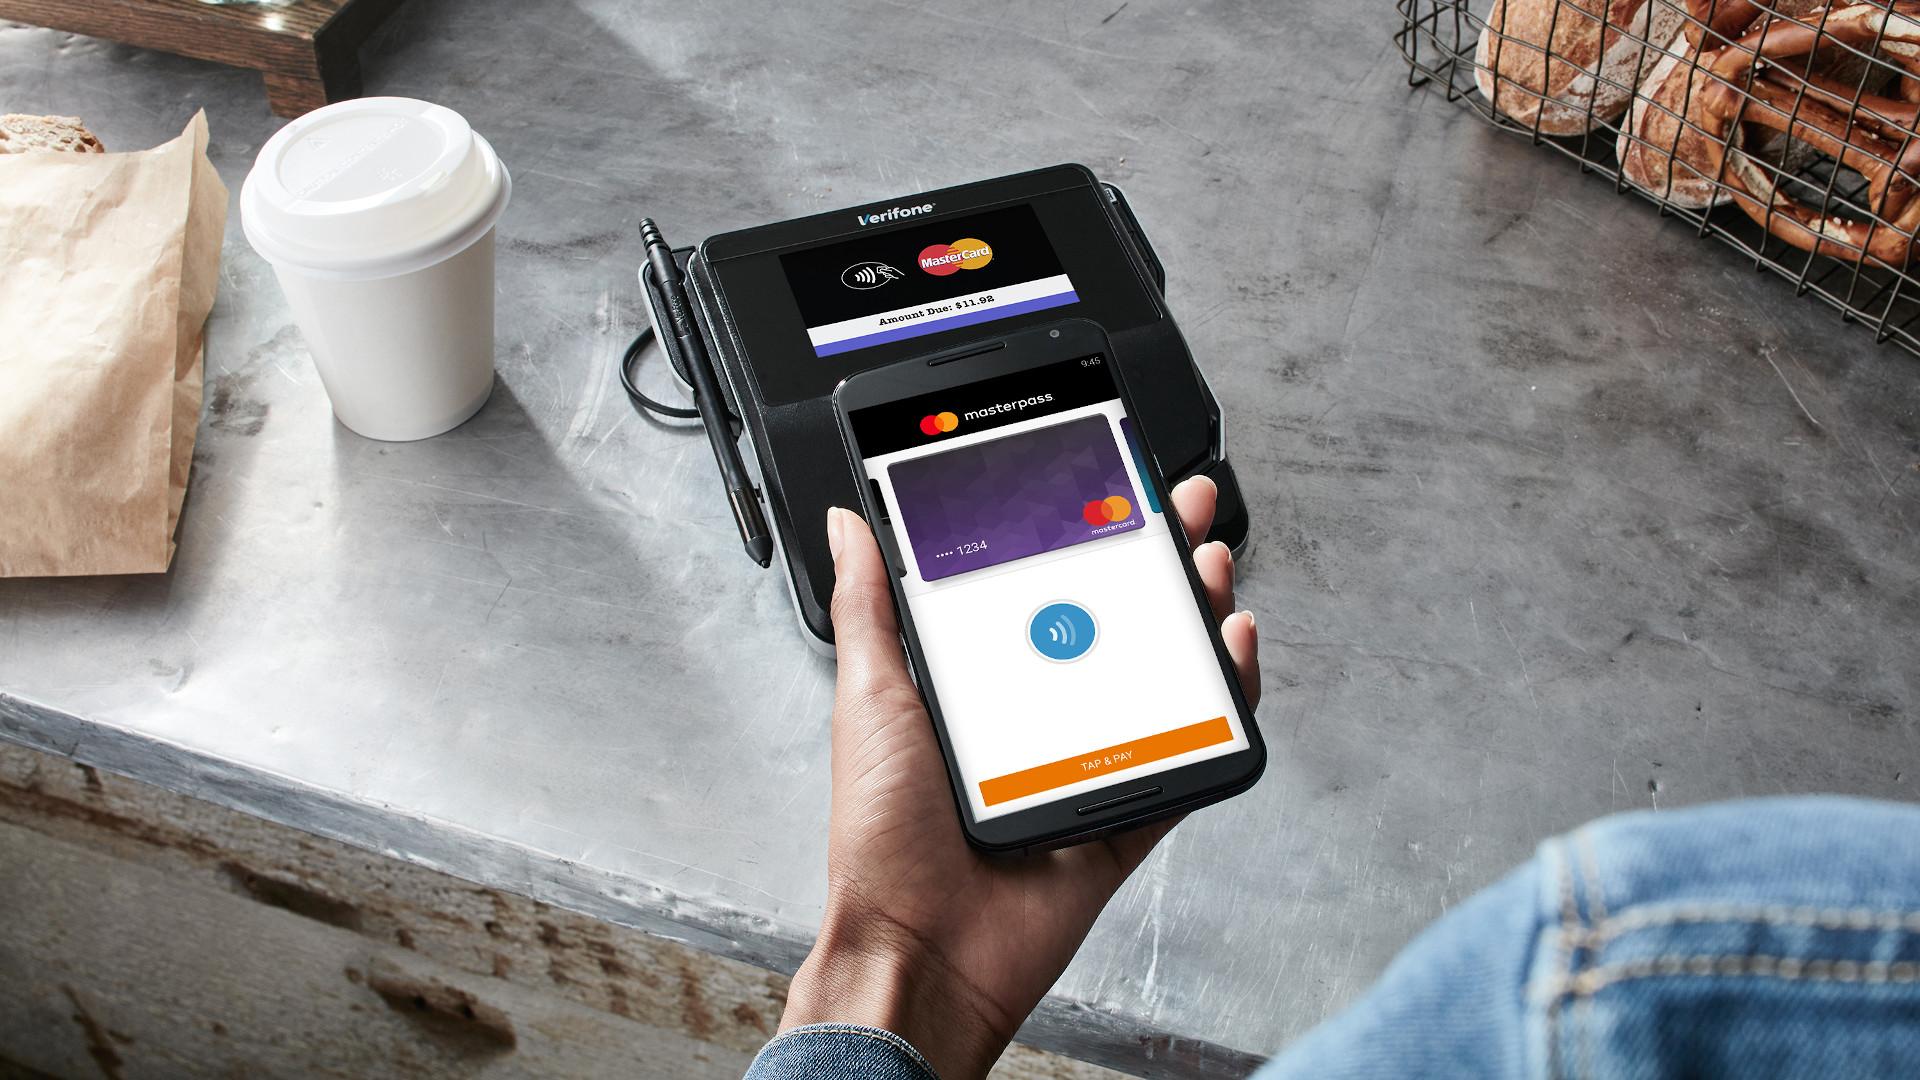 tarjeta PayPal Business Debit Mastercard llega en un momento en que los propietarios de negocios en todo el mundo necesitan acceso a sus fondos disponibles en la cuenta PayPal